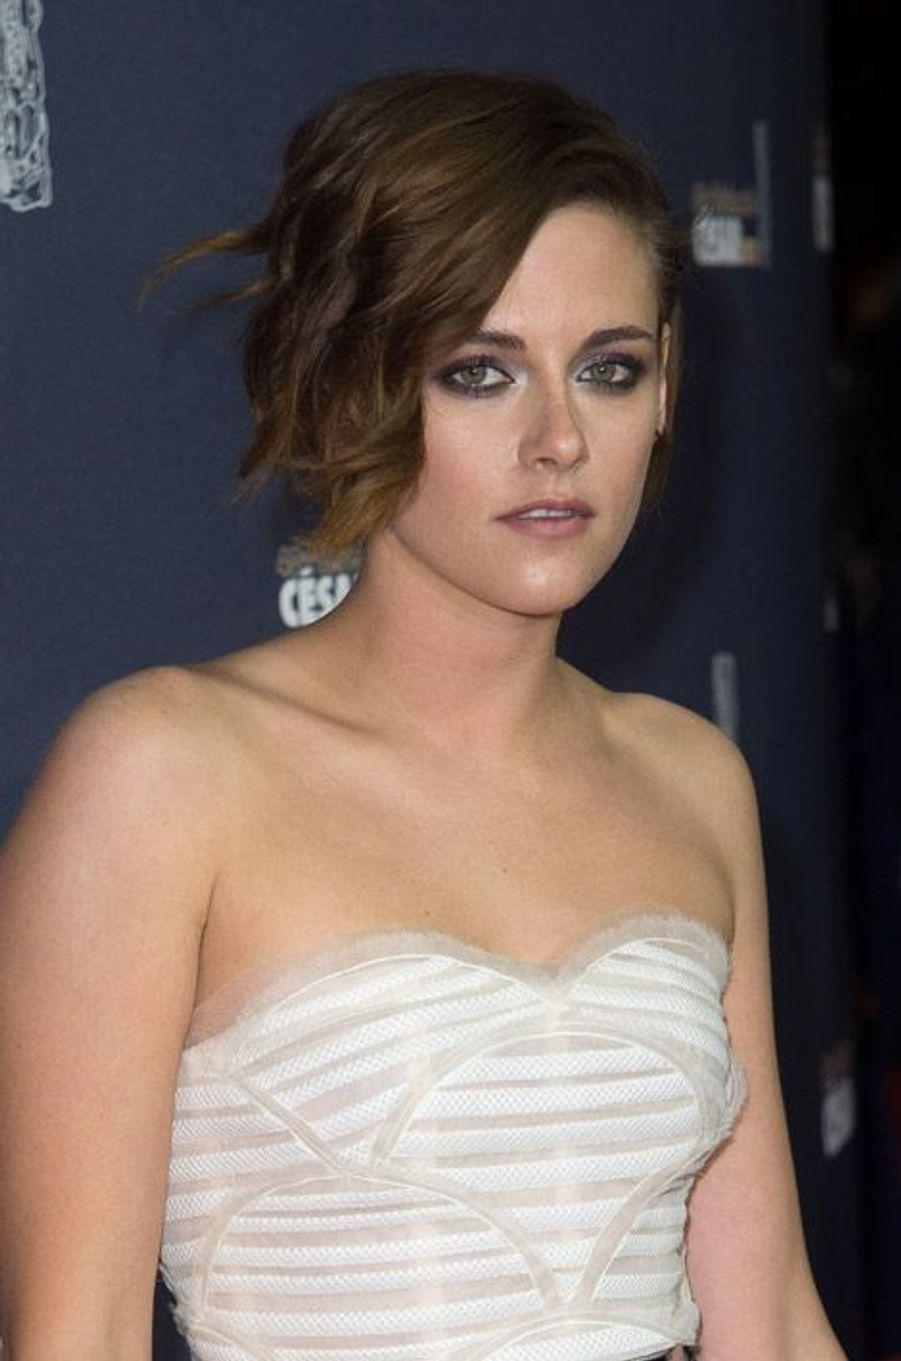 L'actrice Kristen Stewart et sa coupe courte déstructurée